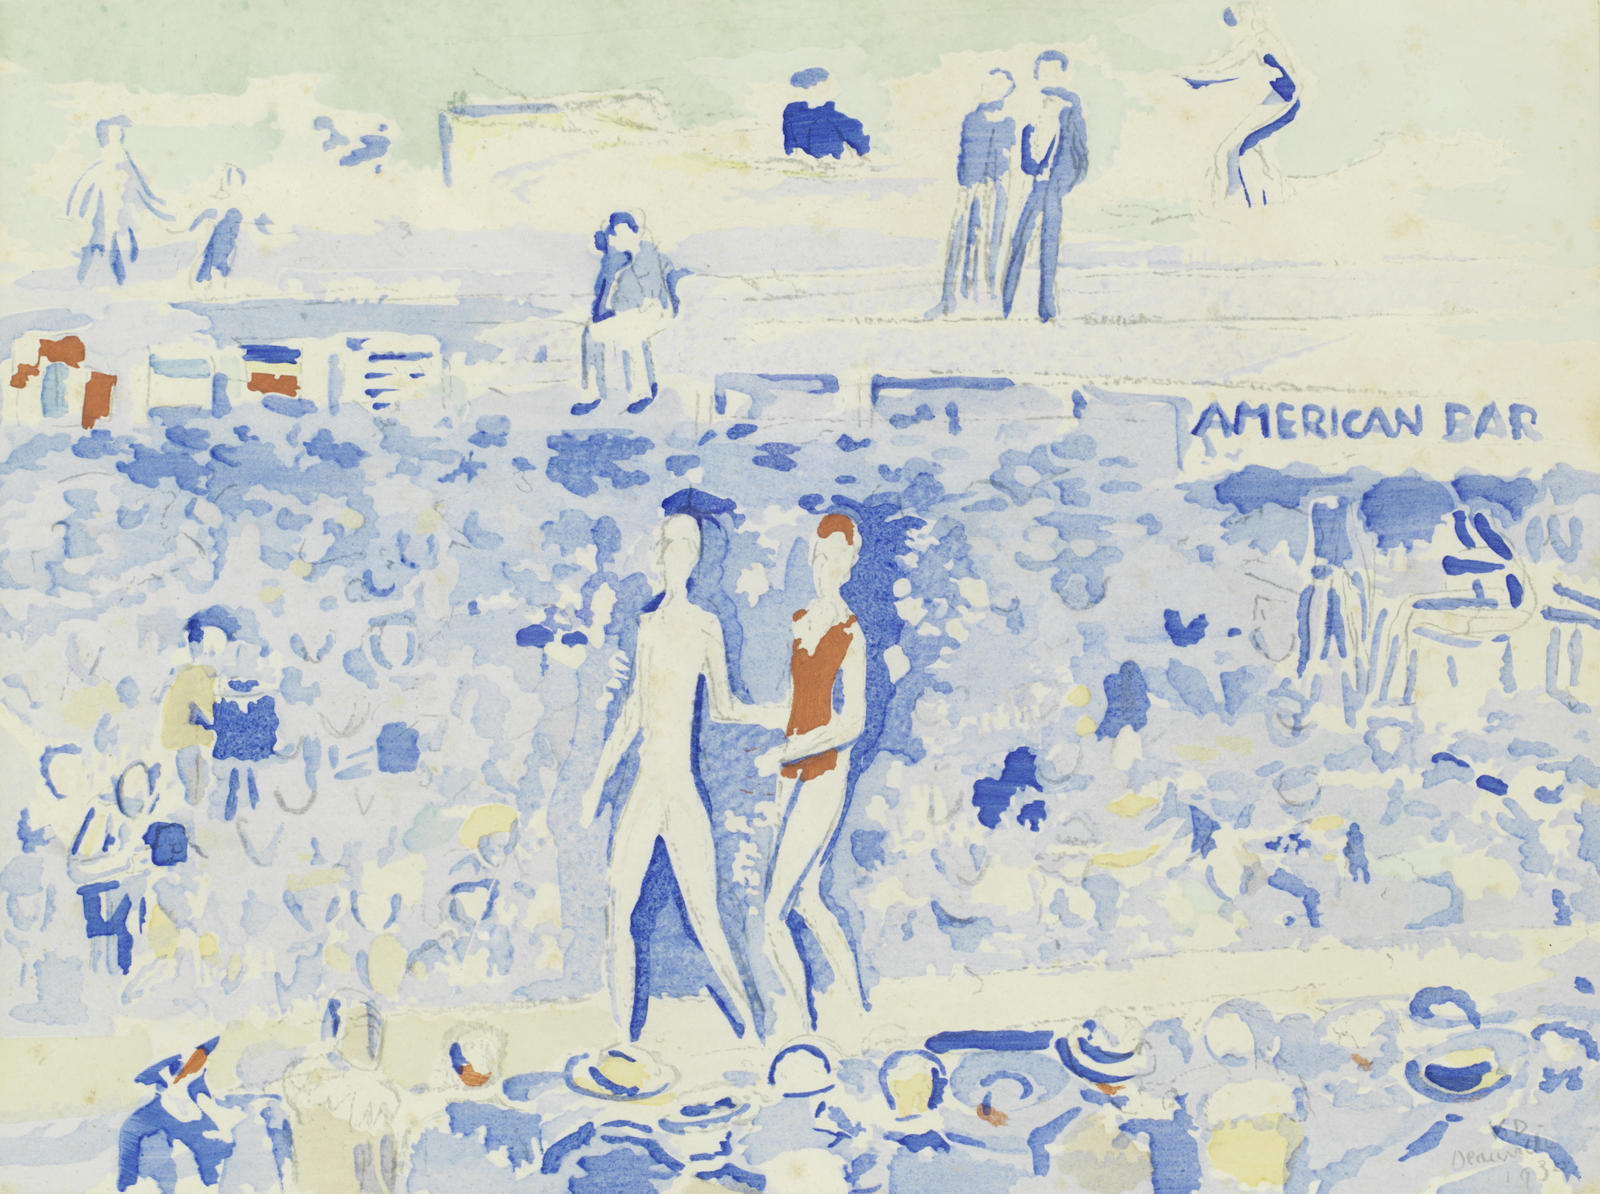 Kees van Dongen-After Kees Van Dongen - Le Gala du Costume de Bain-1930